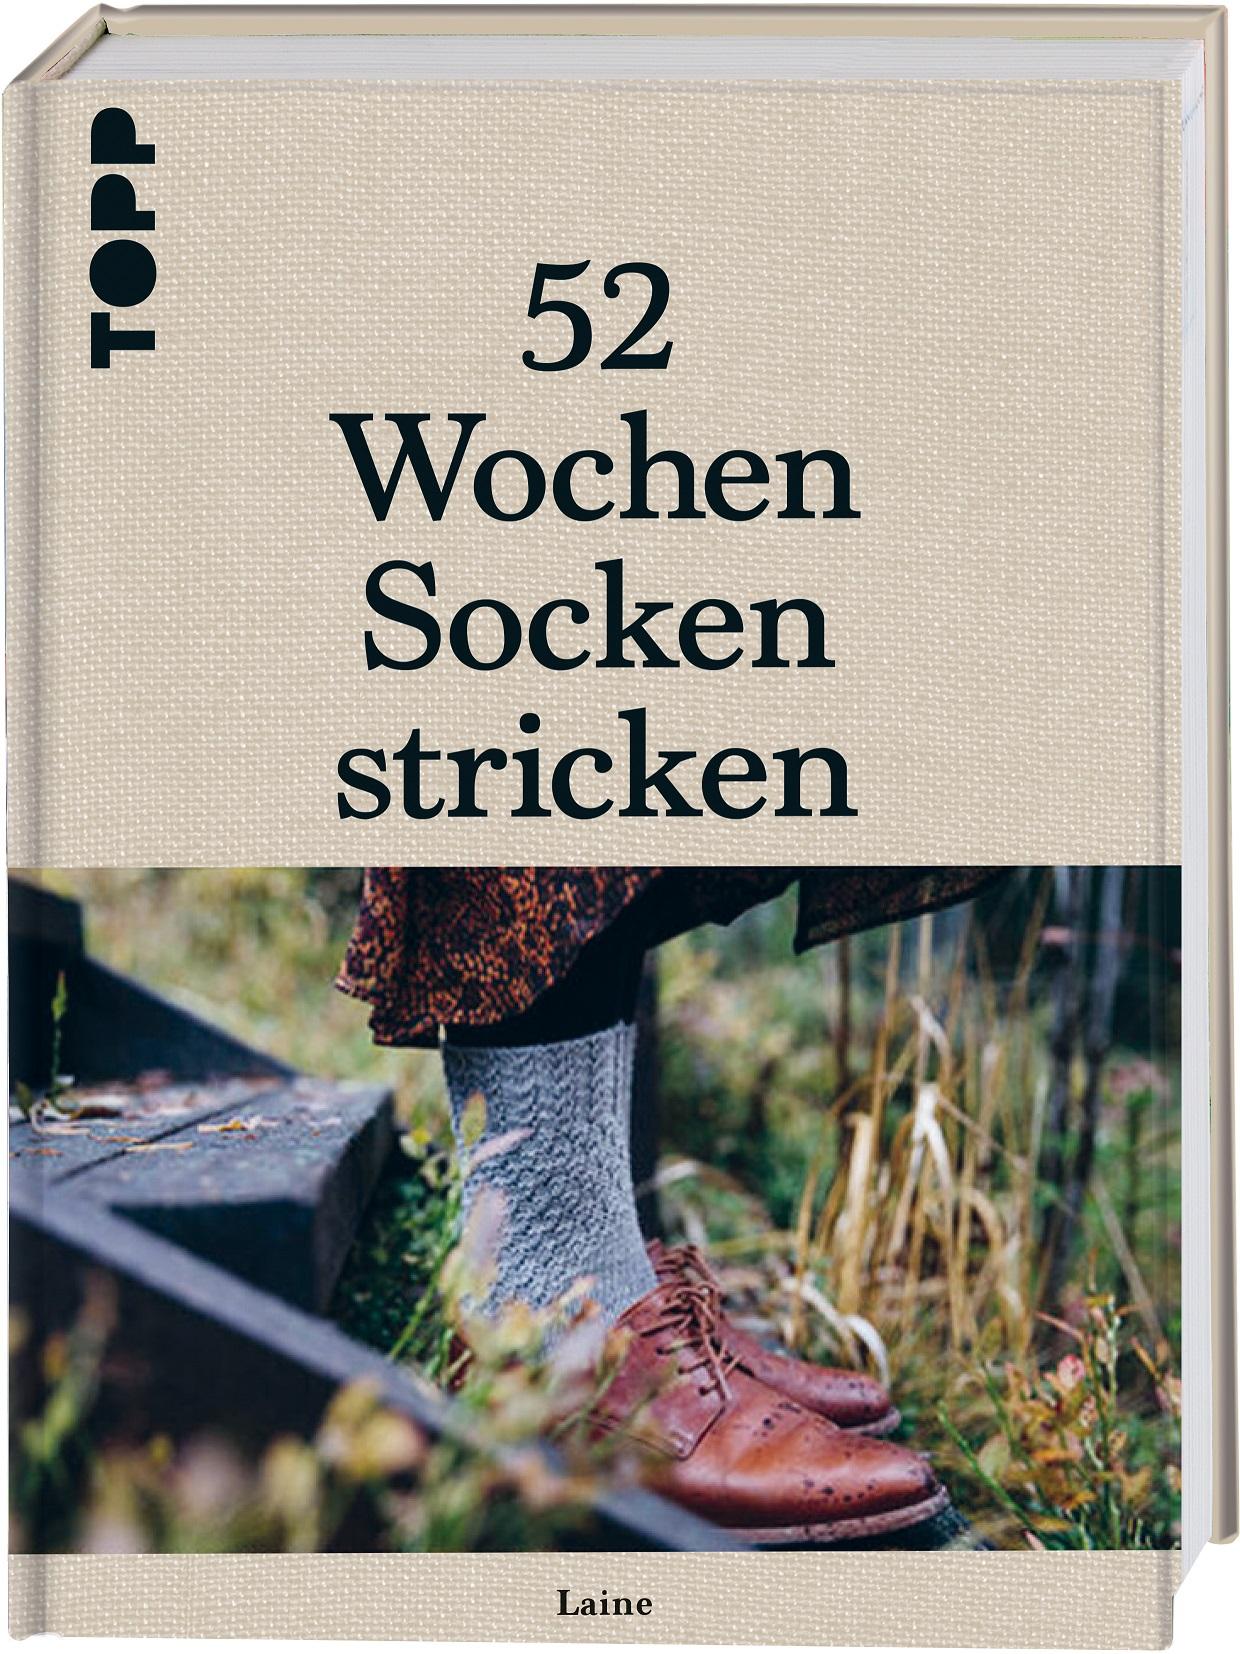 Topp 4871 52 Wochen Socken stricken